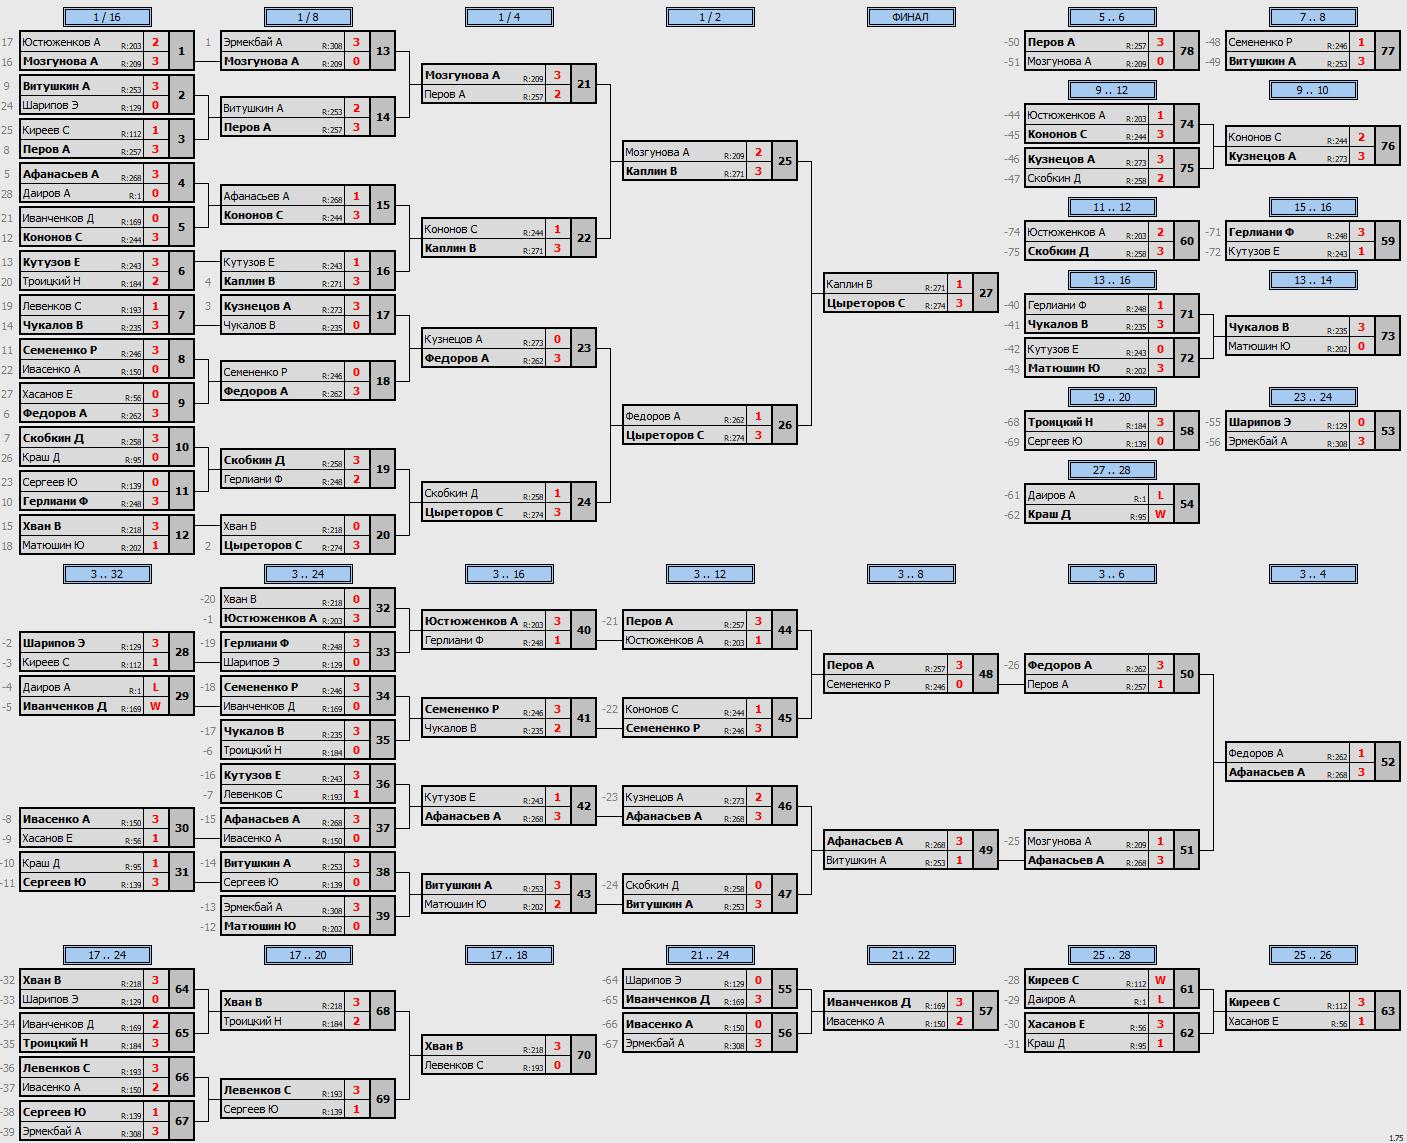 результаты турнира Макс-275 в клубе Tenix